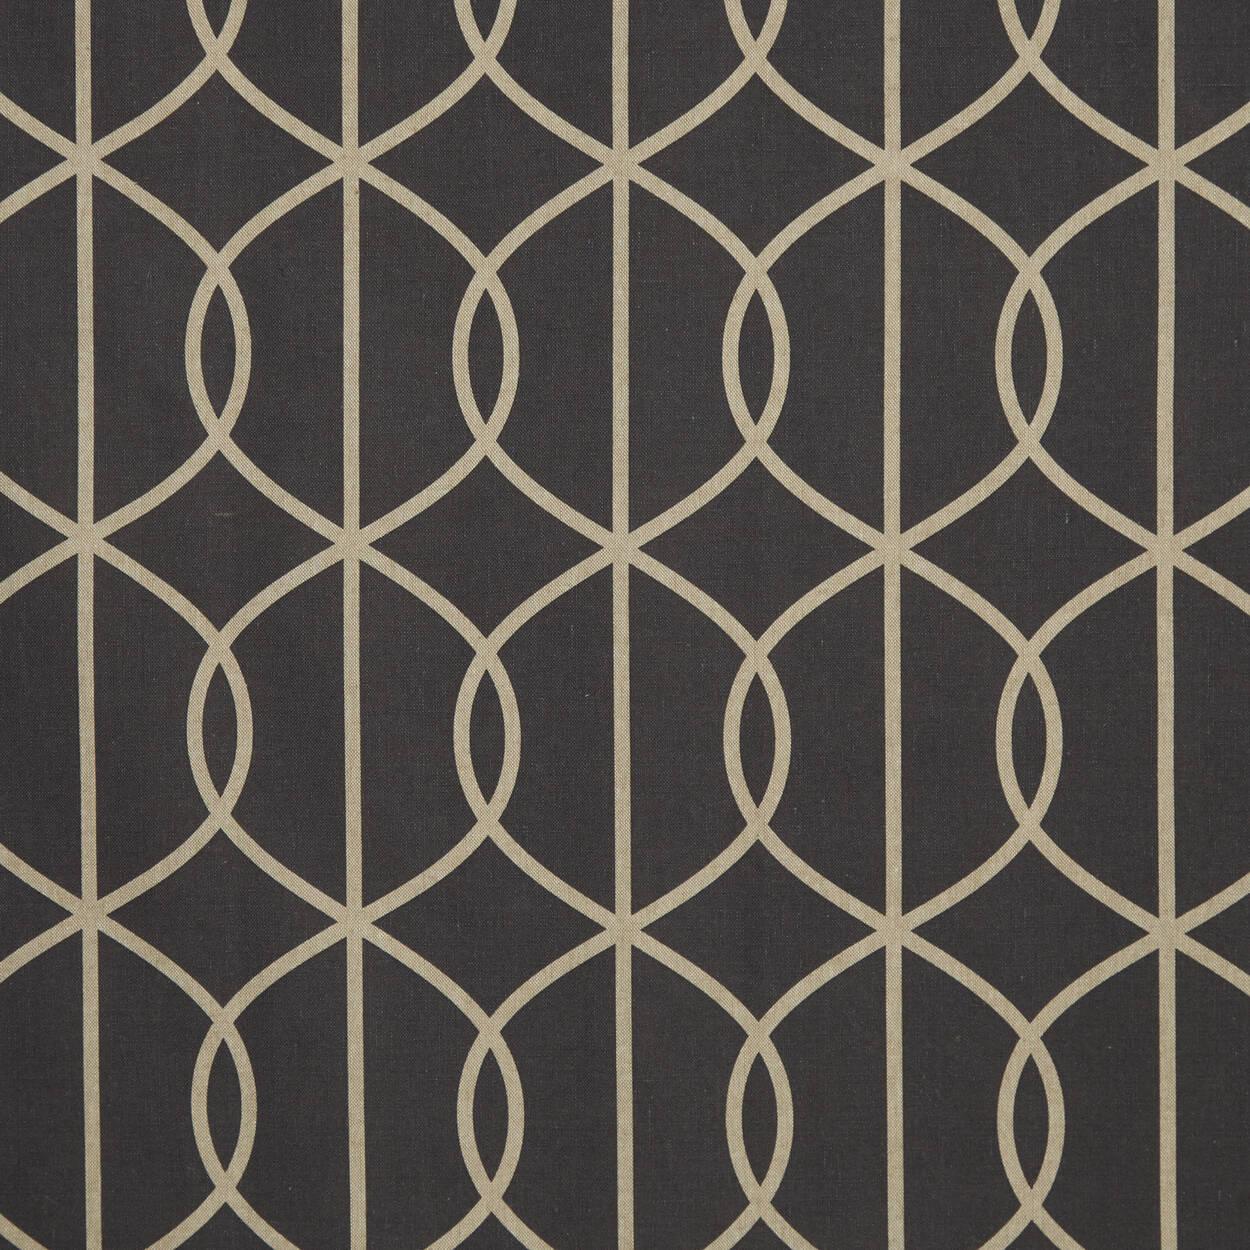 rideau motif g om trique enda. Black Bedroom Furniture Sets. Home Design Ideas